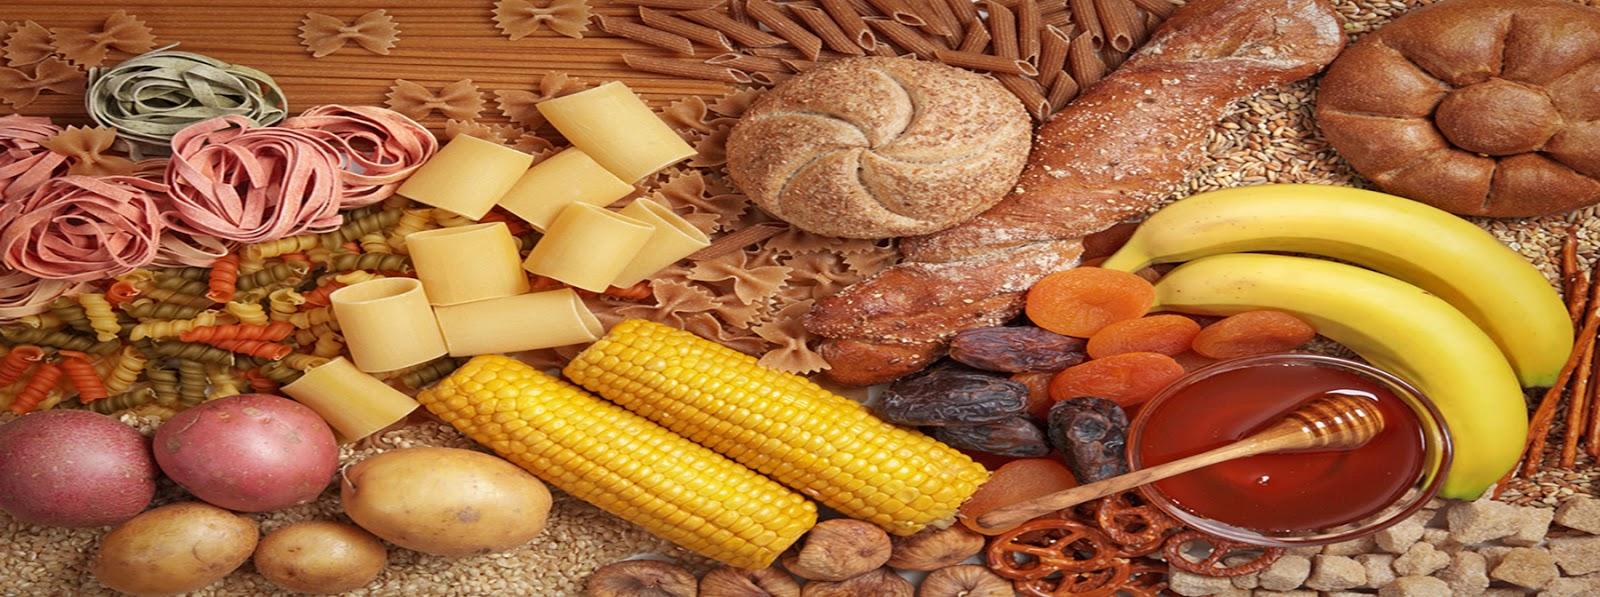 Ινσουλίνη μείωση του λίπους και αύξηση των μυών